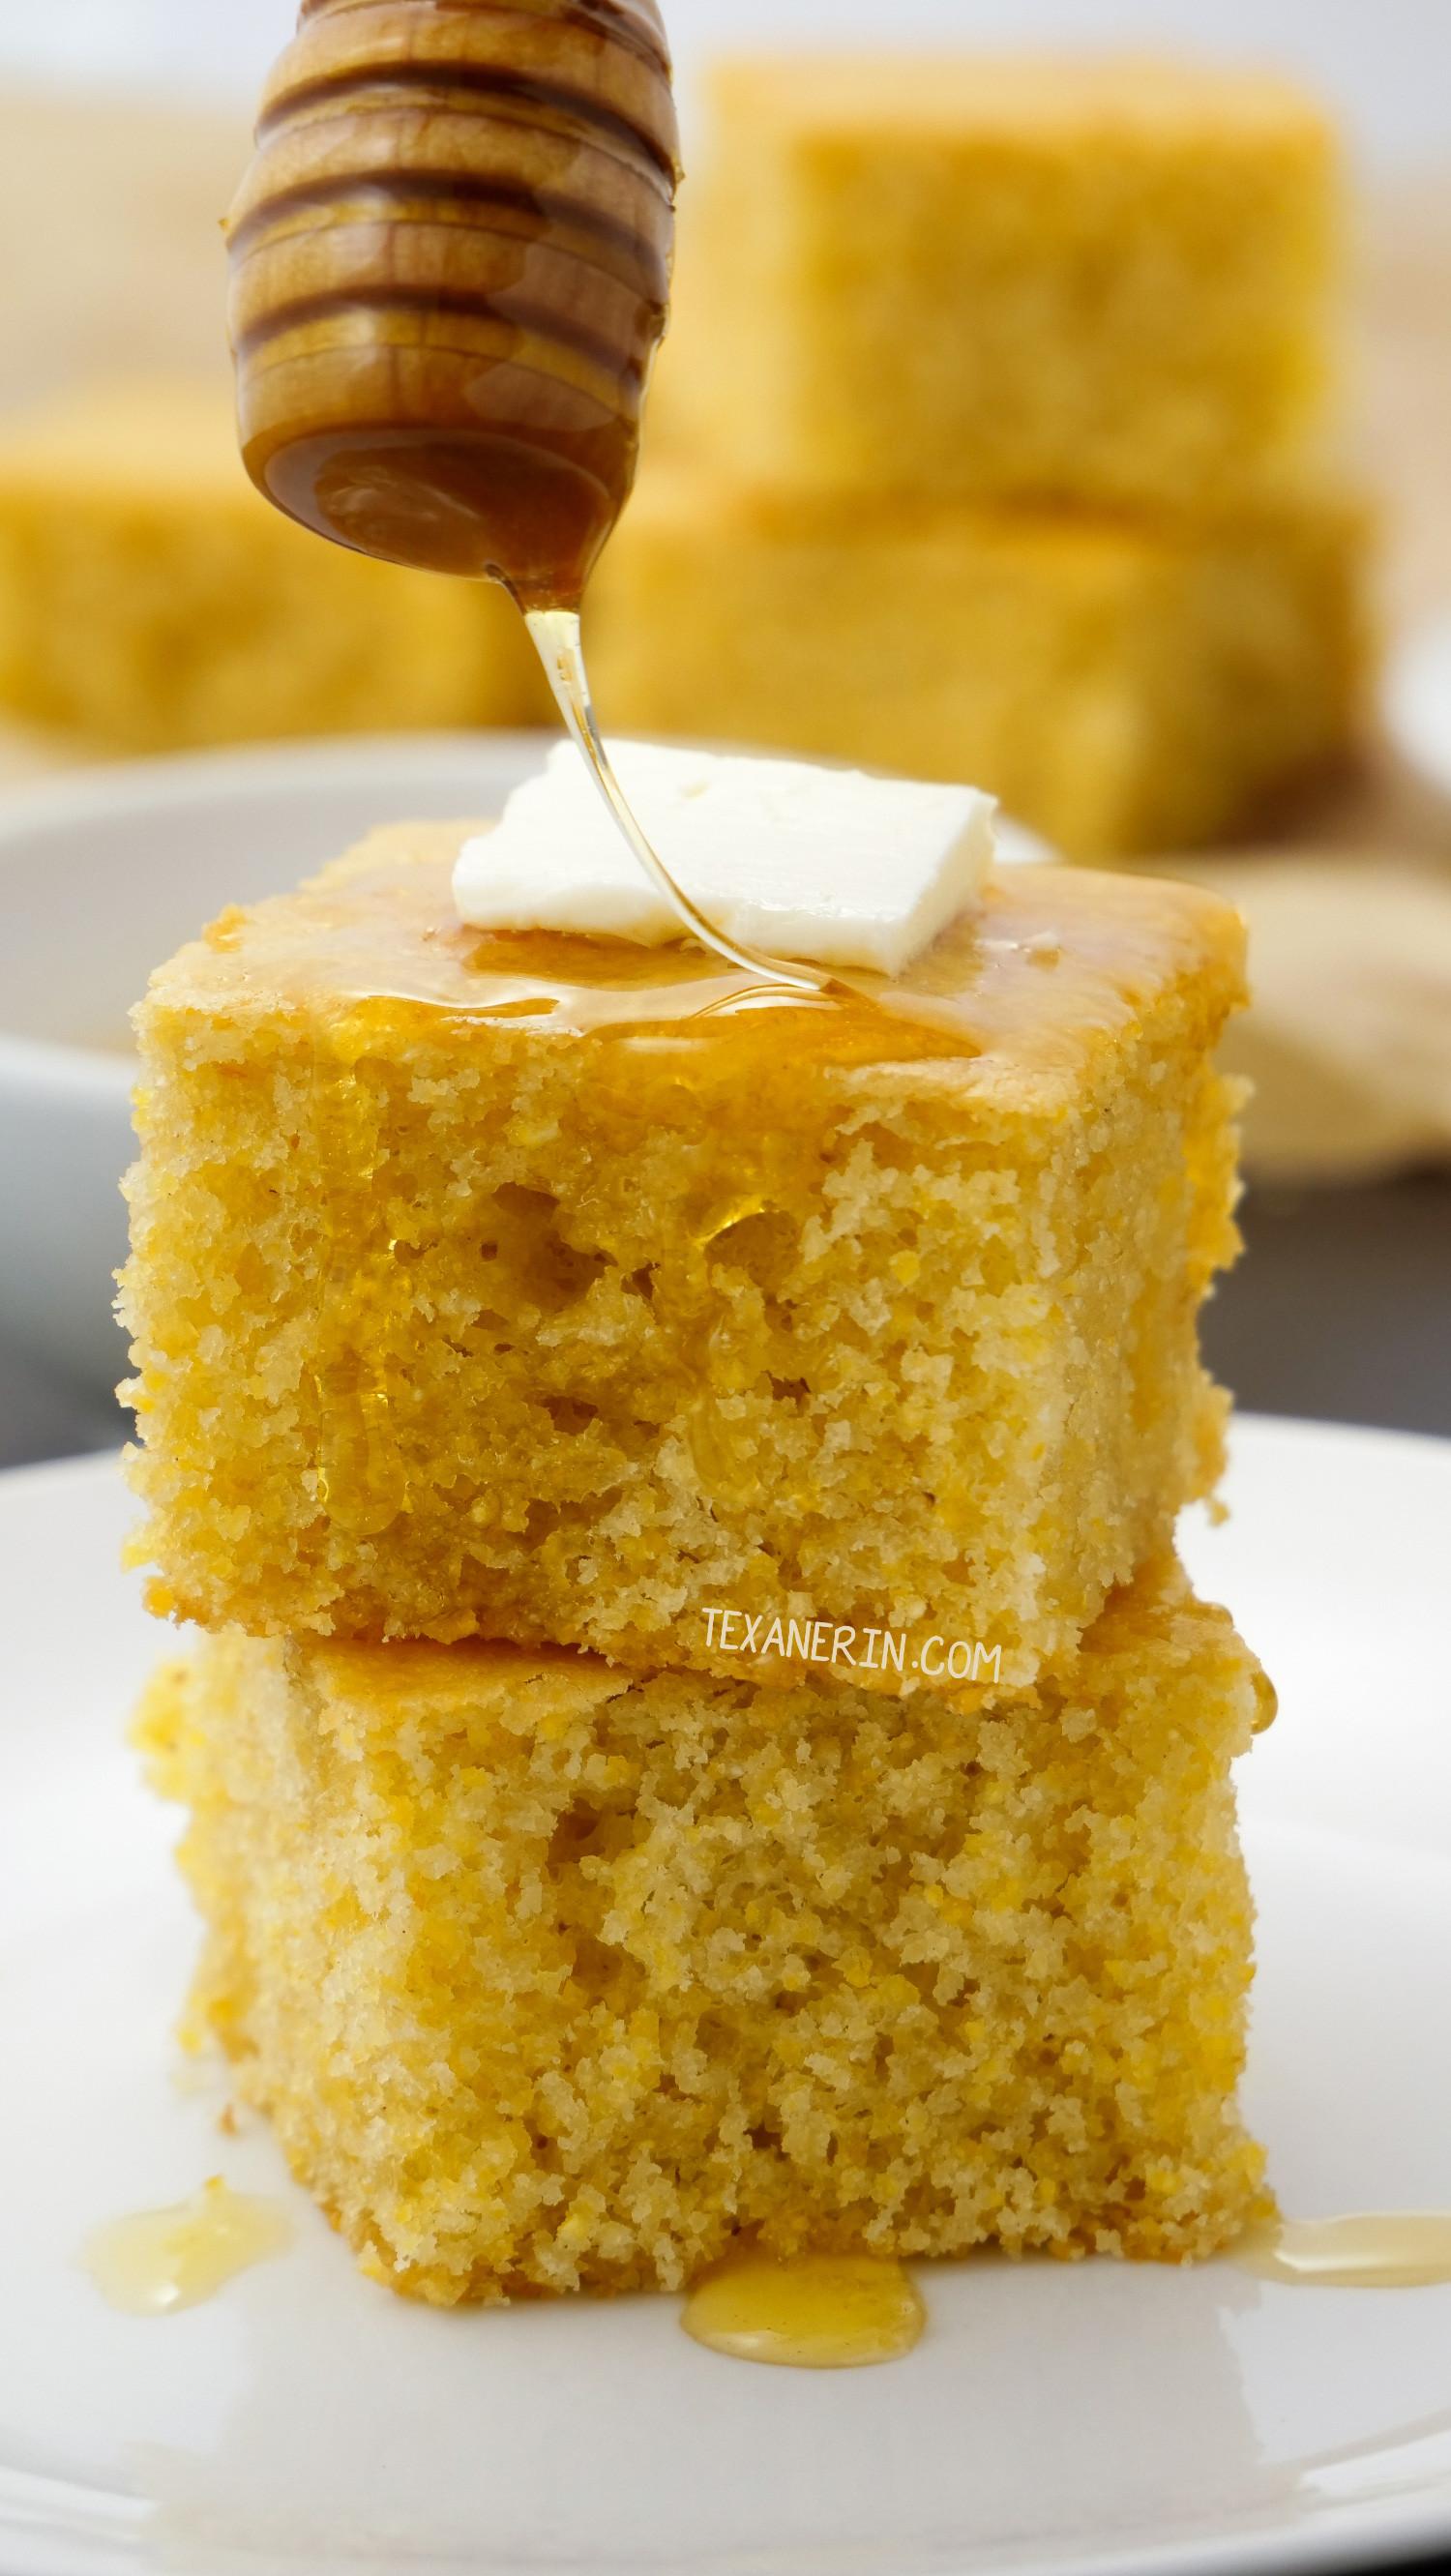 Cornbread Gluten Free  Gluten free Cornbread vegan option Texanerin Baking